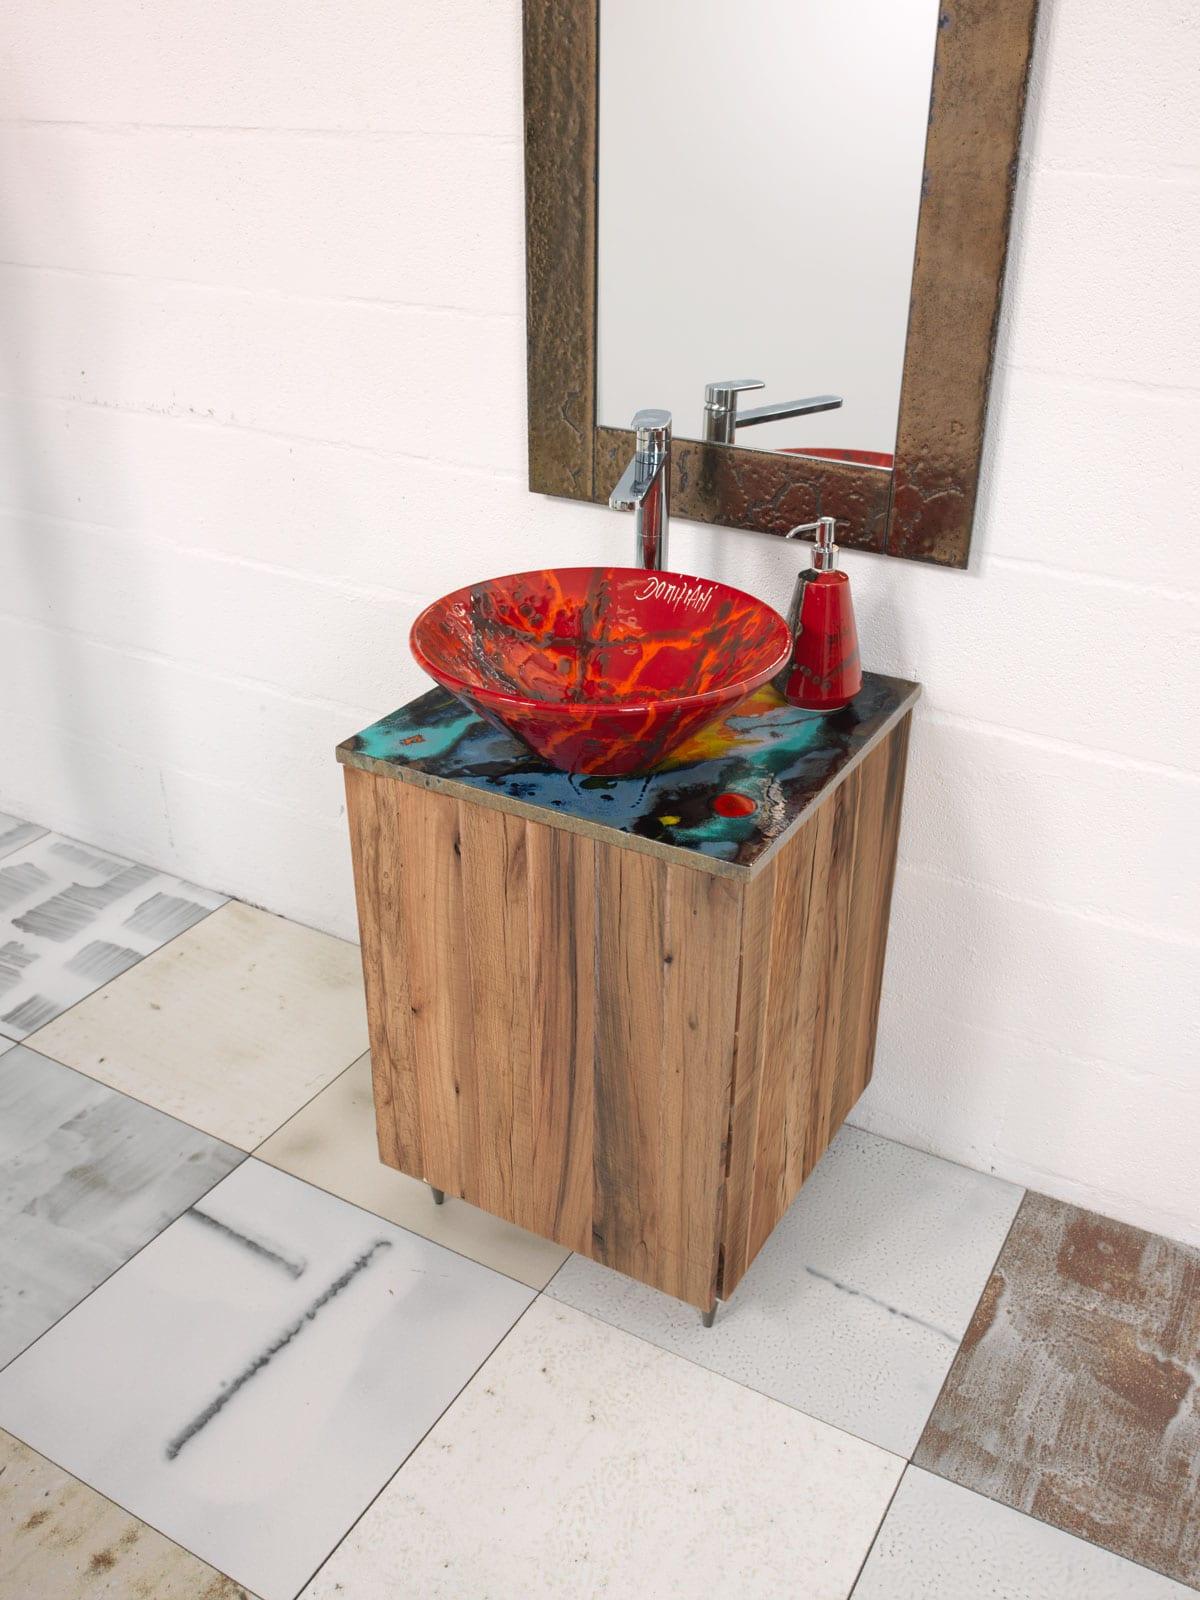 Praiano mobili bagno domiziani pietra lavica maiolicata e ceramica made in italy - Arca mobili bagno ...